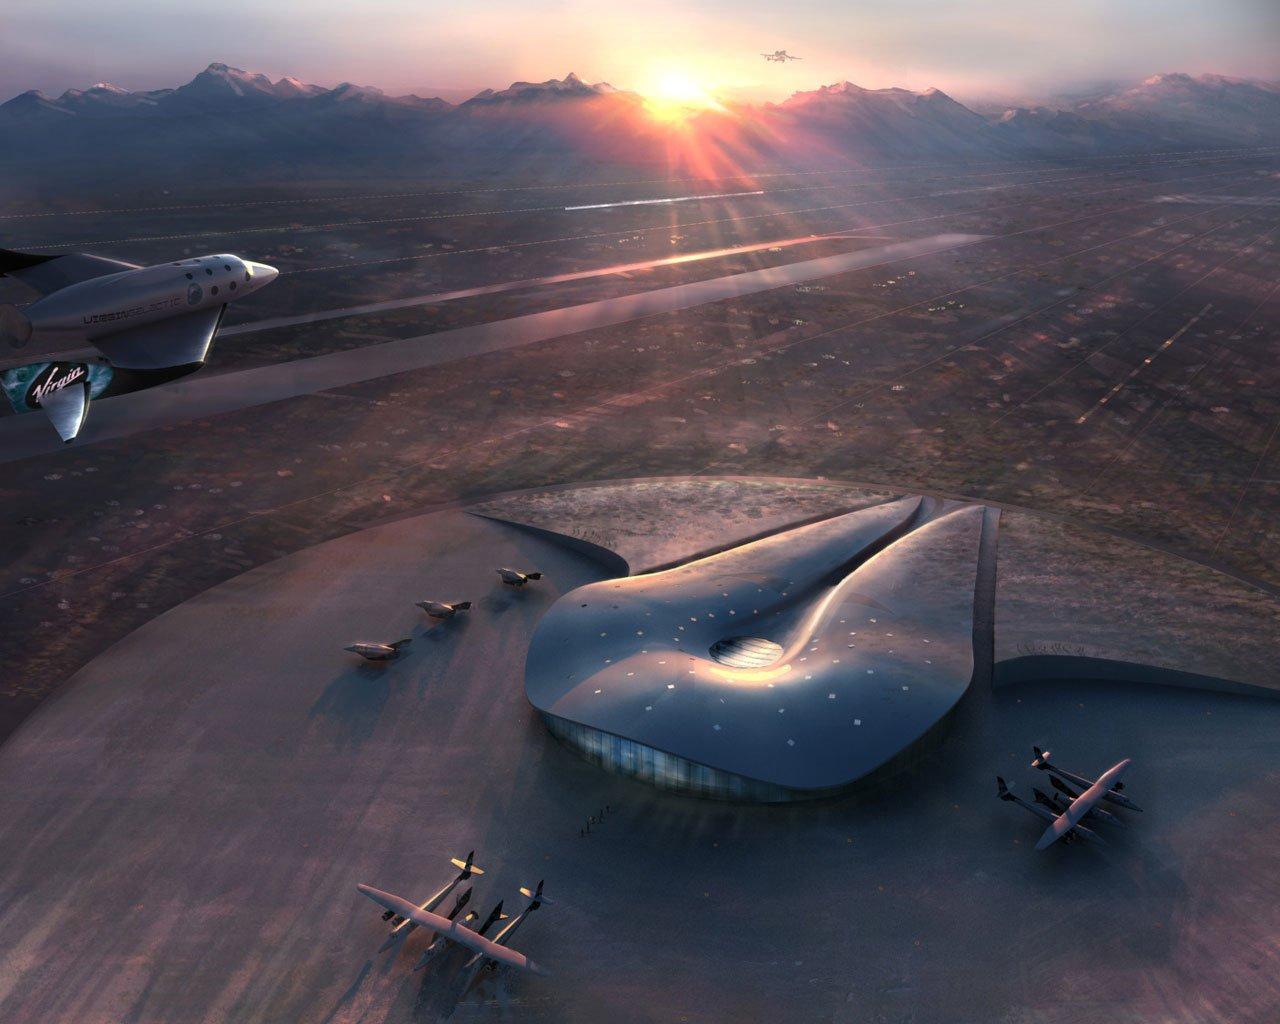 Spaceport America: Von hier aus treten die Weltraumtouristen eines Tages die Reise ins All an.